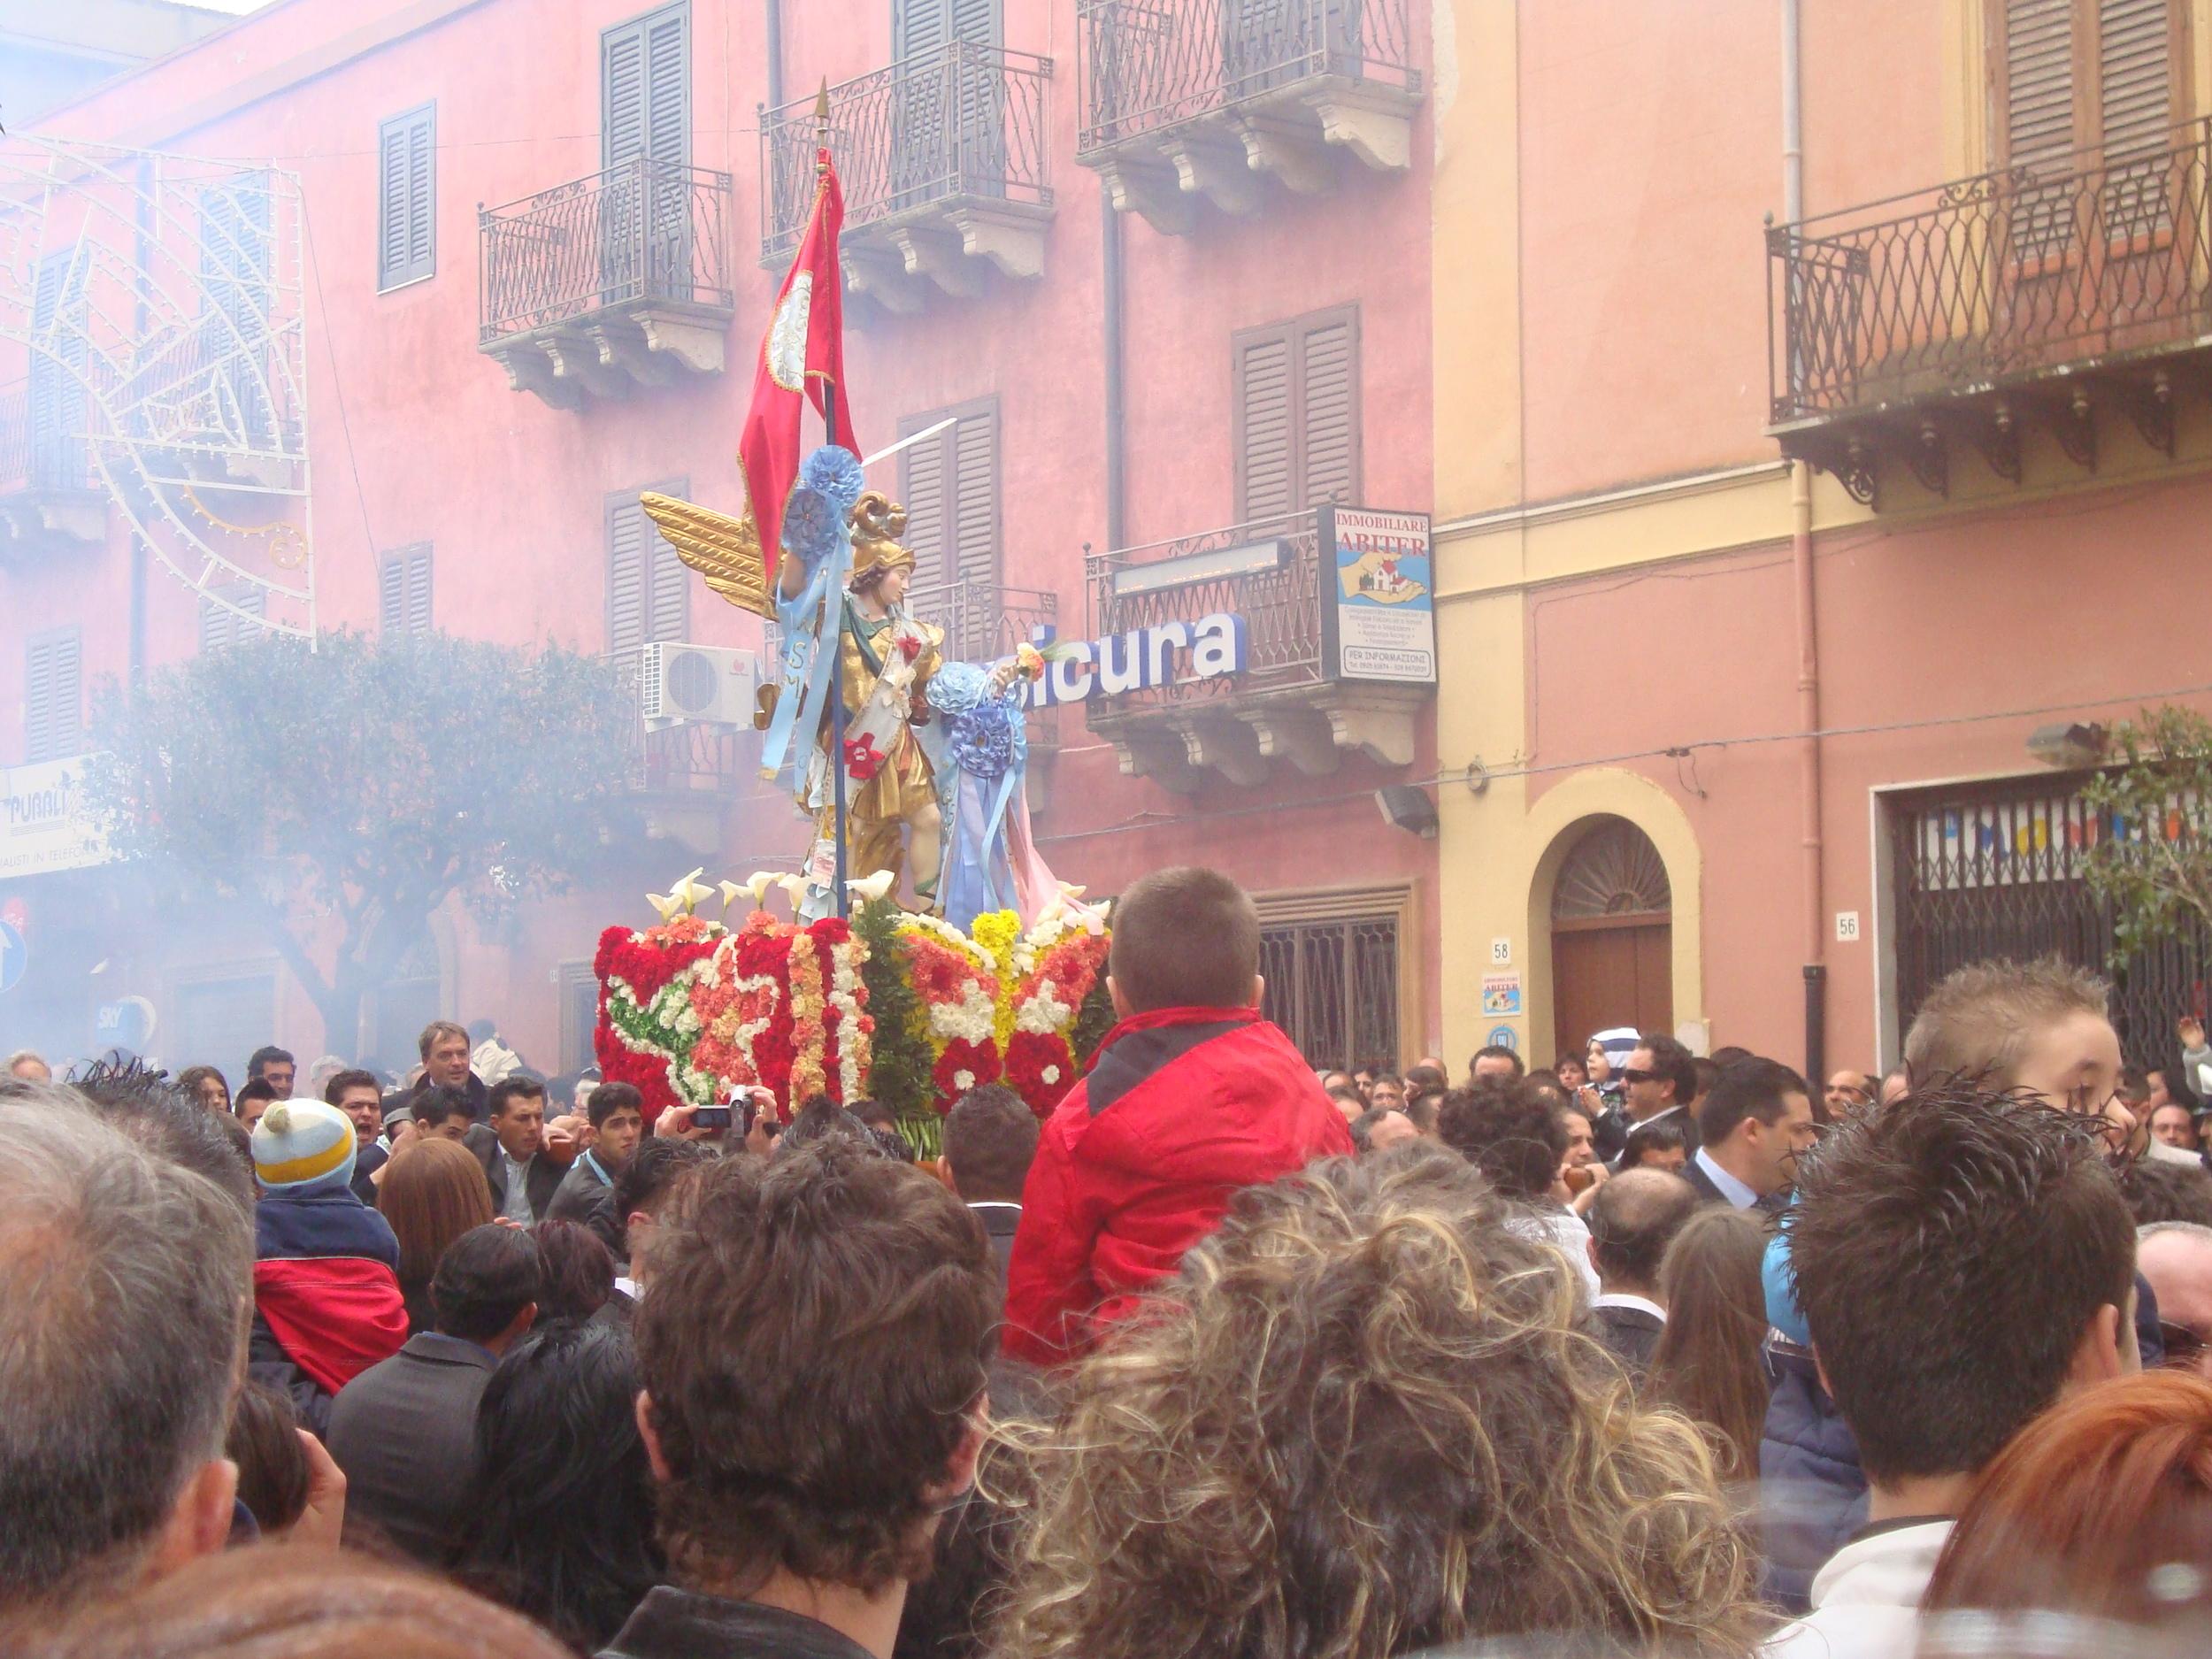 Pasqua festival in Ribera, Sicily.  Photo by Figiu  / CC BY